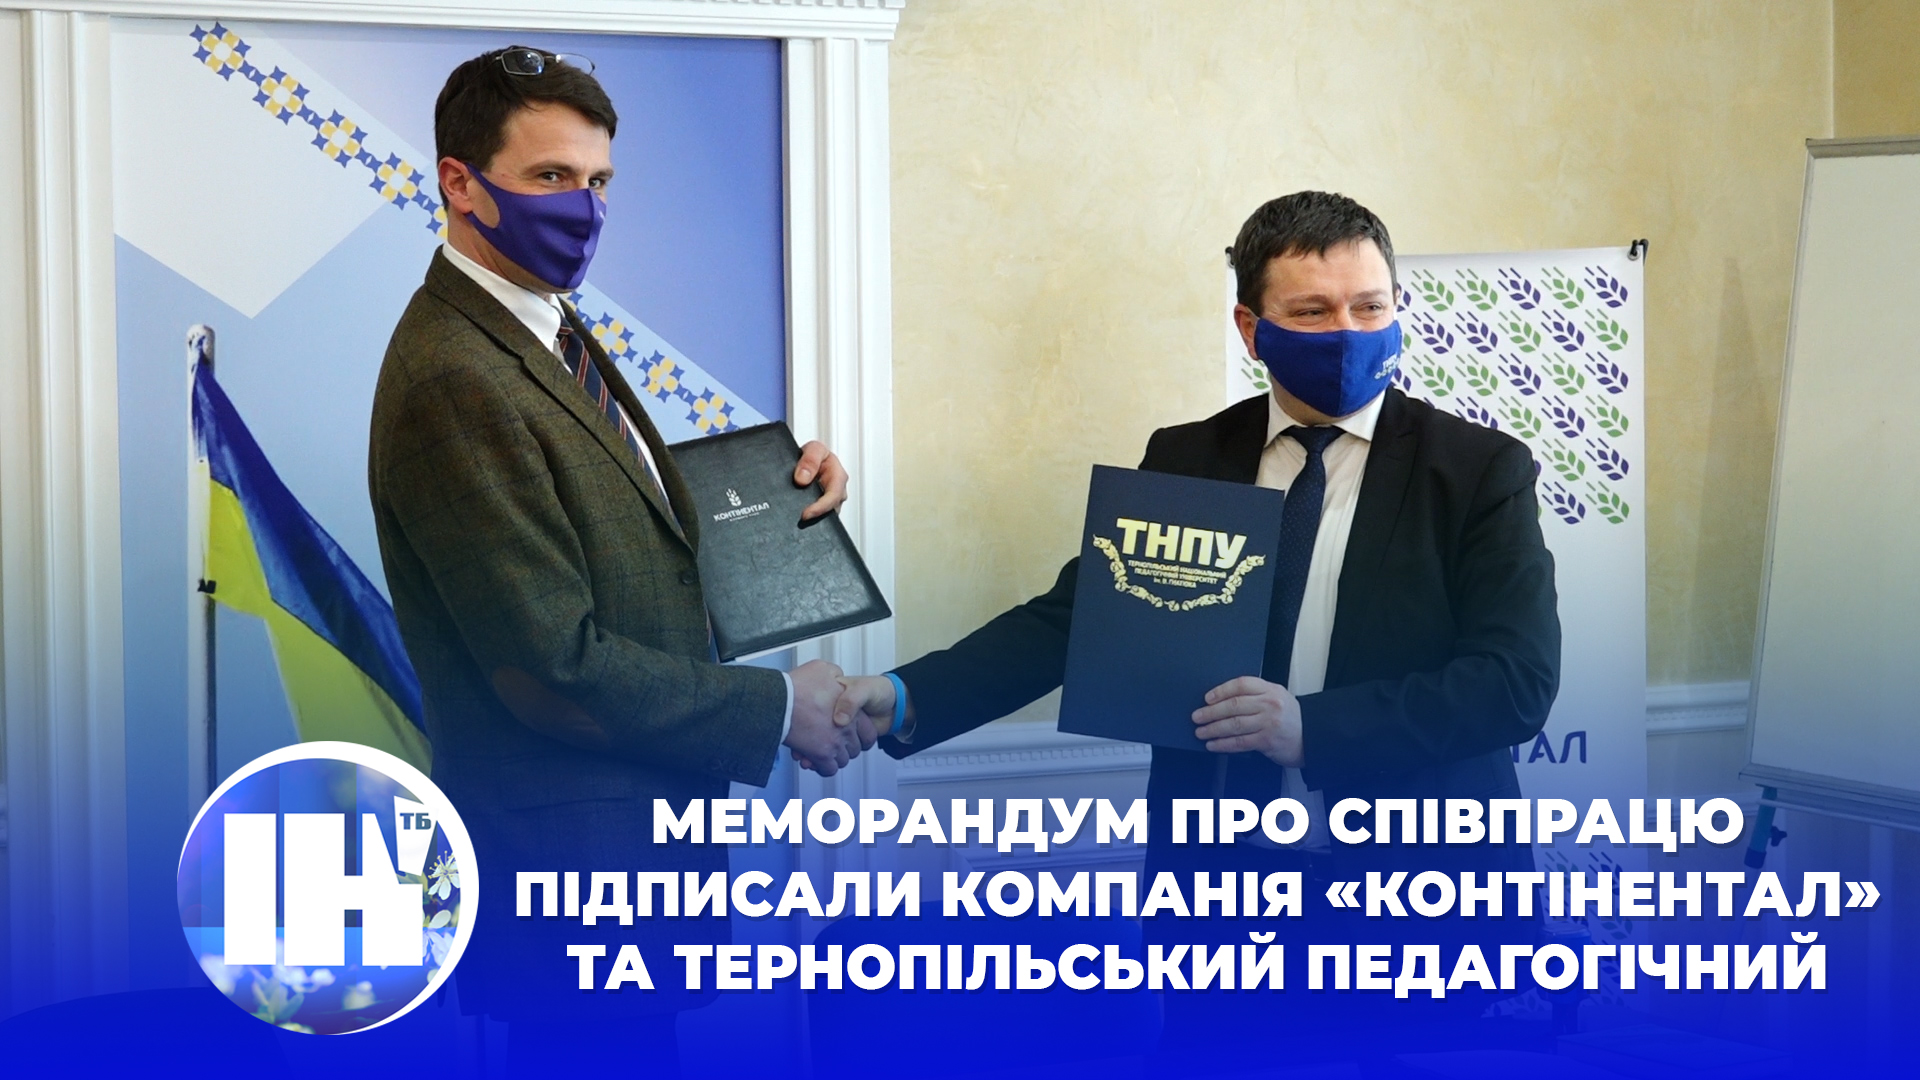 Меморандум про співпрацю підписали компанія «Контінентал» та Тернопільський педагогічний університет